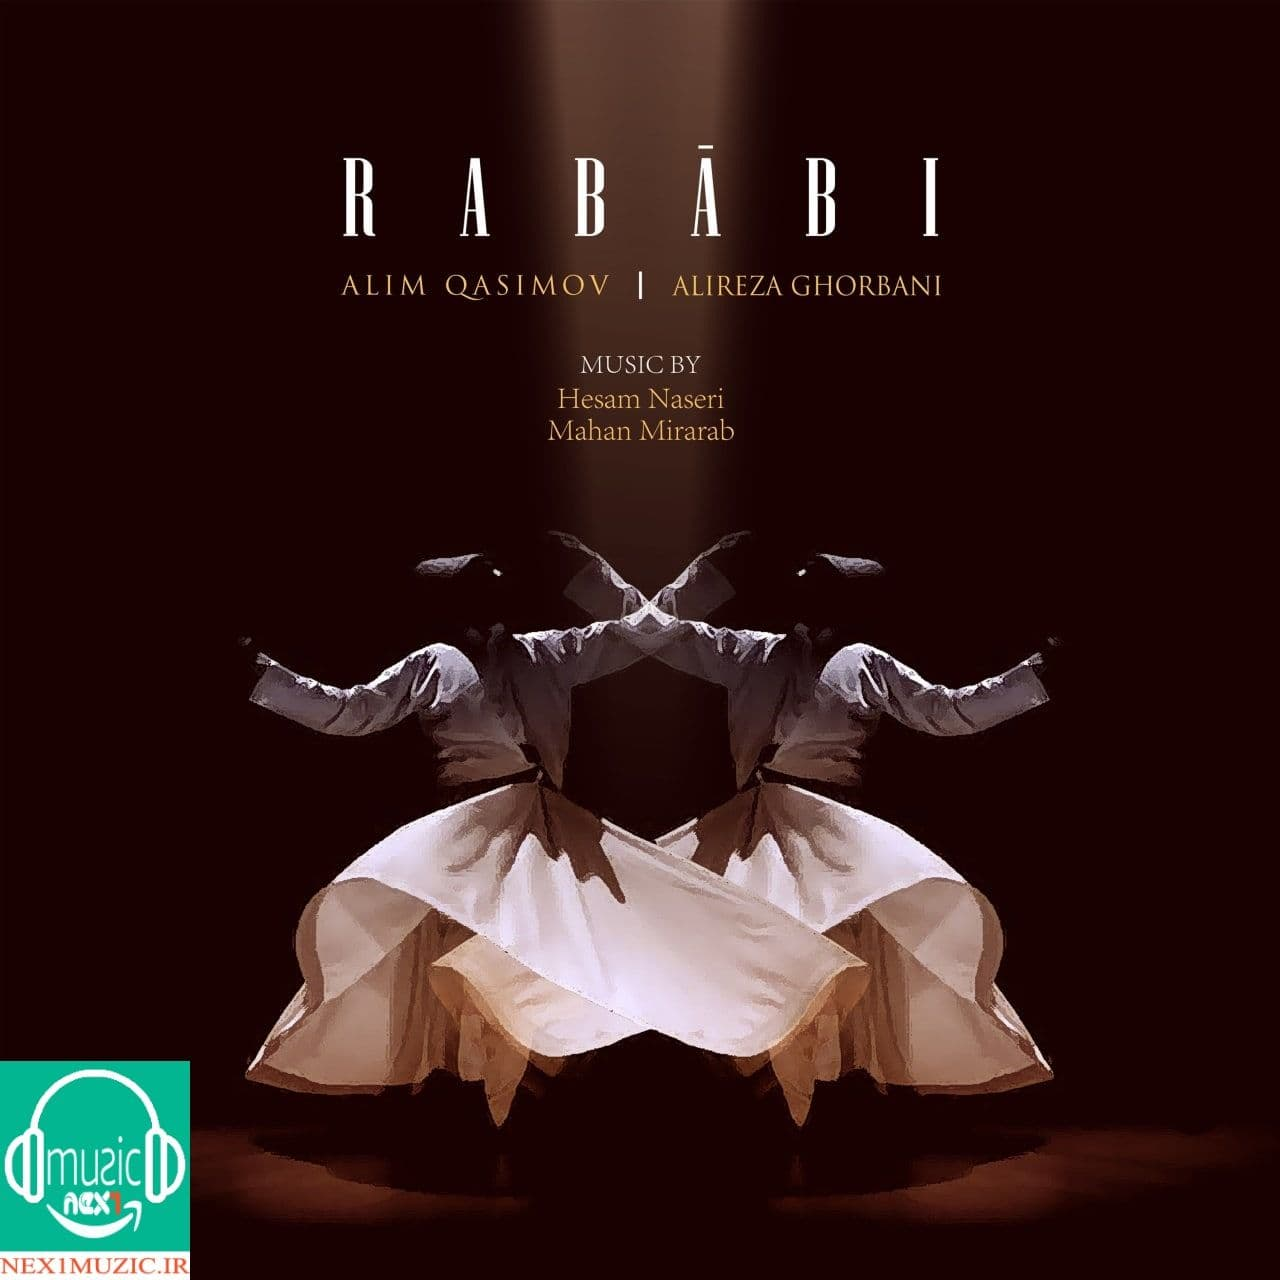 آهنگِ جدید و زیبایِ عالیم قاسیموف و علیرضا قربانی به نامِ «ربابی»